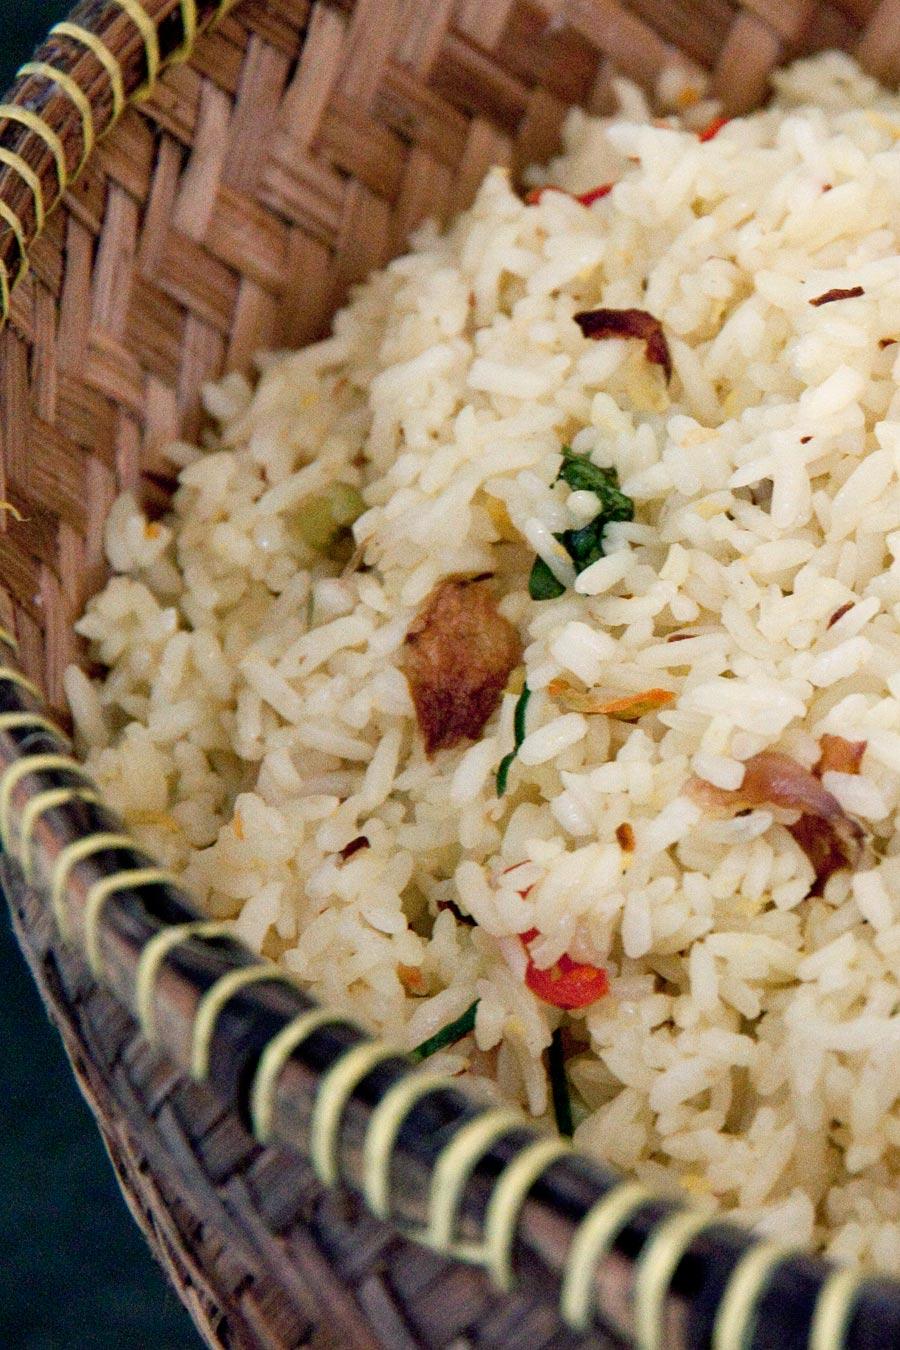 Balinese rice